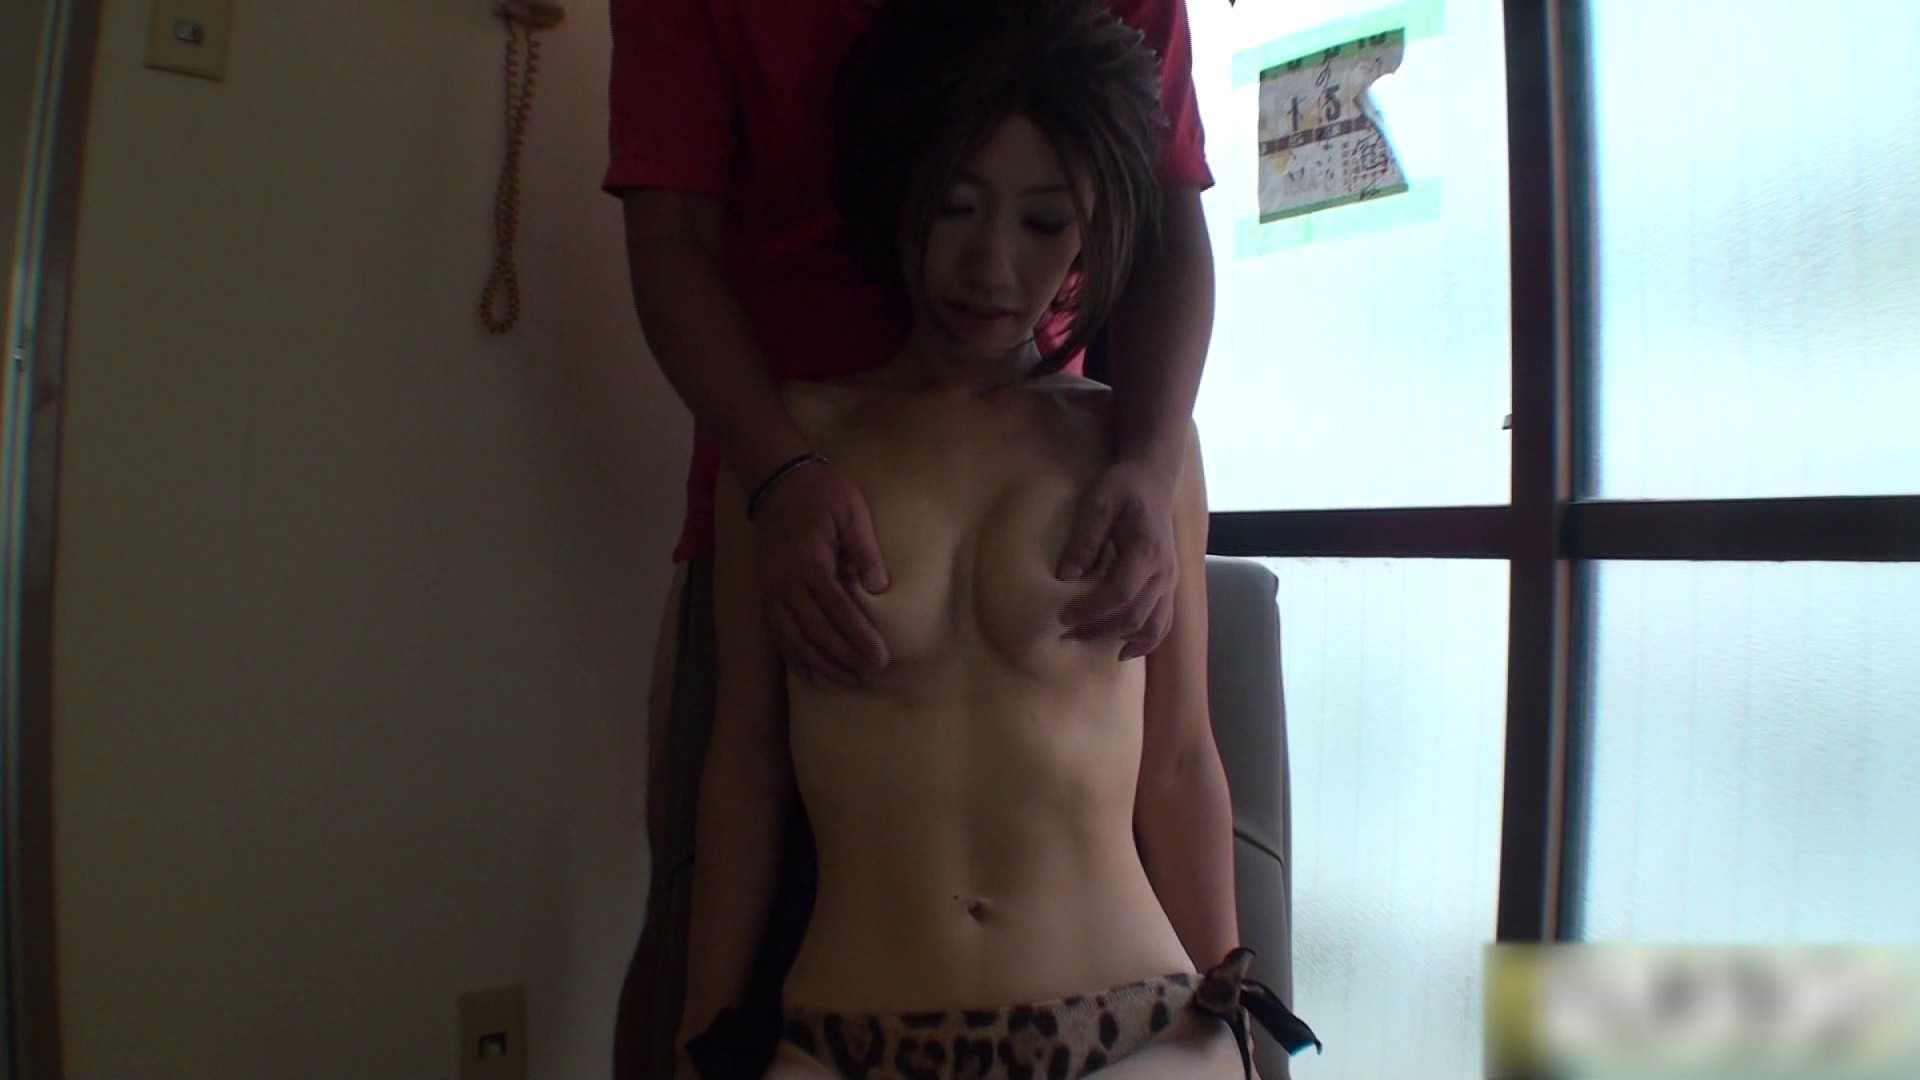 素人S級美女特選!小悪魔ギャル噂のビッチガールVol.46 流出作品  51連発 6